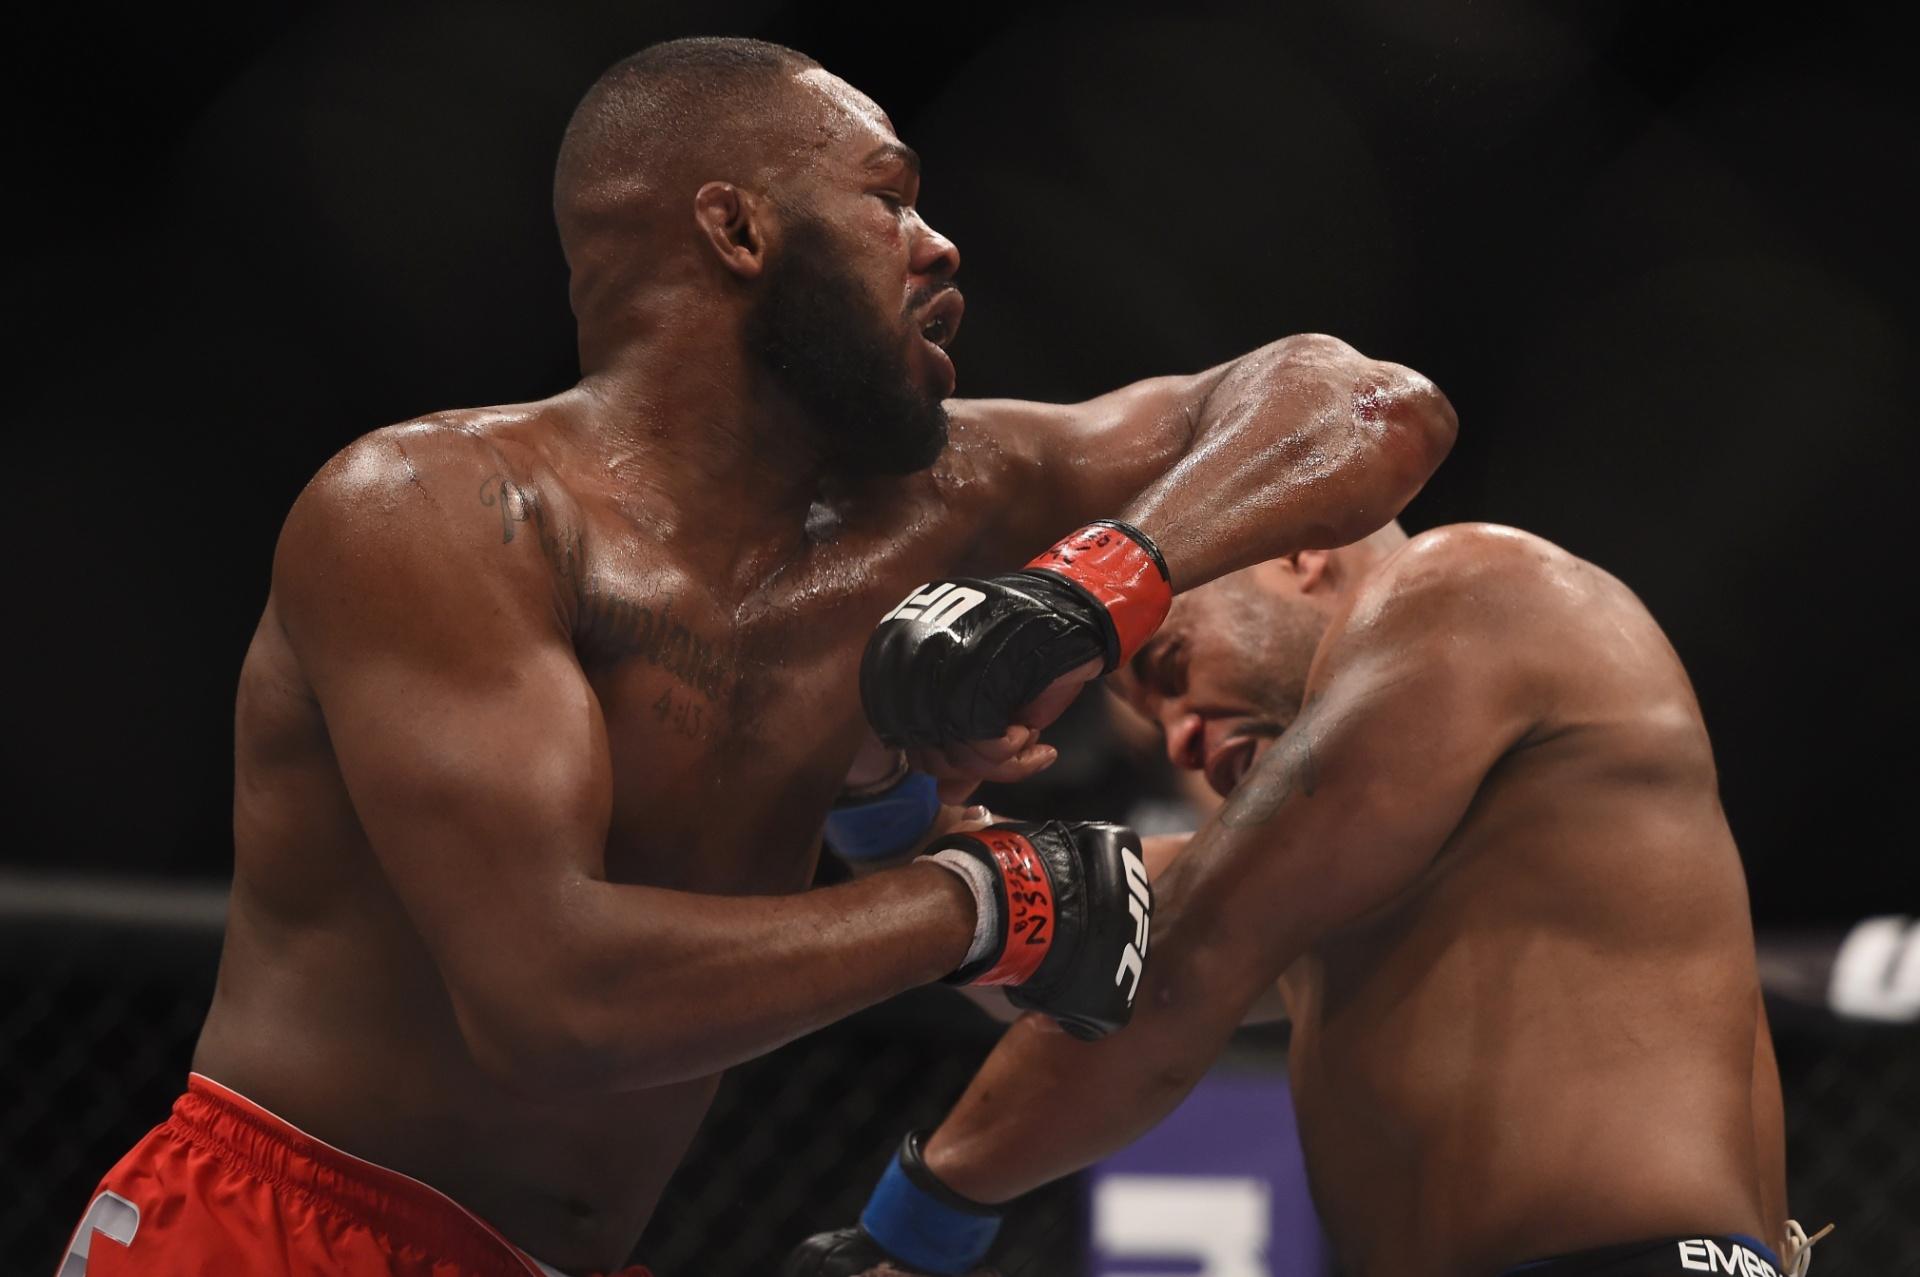 Jon Jones acerta golpe em Cormier na disputa do cinturão